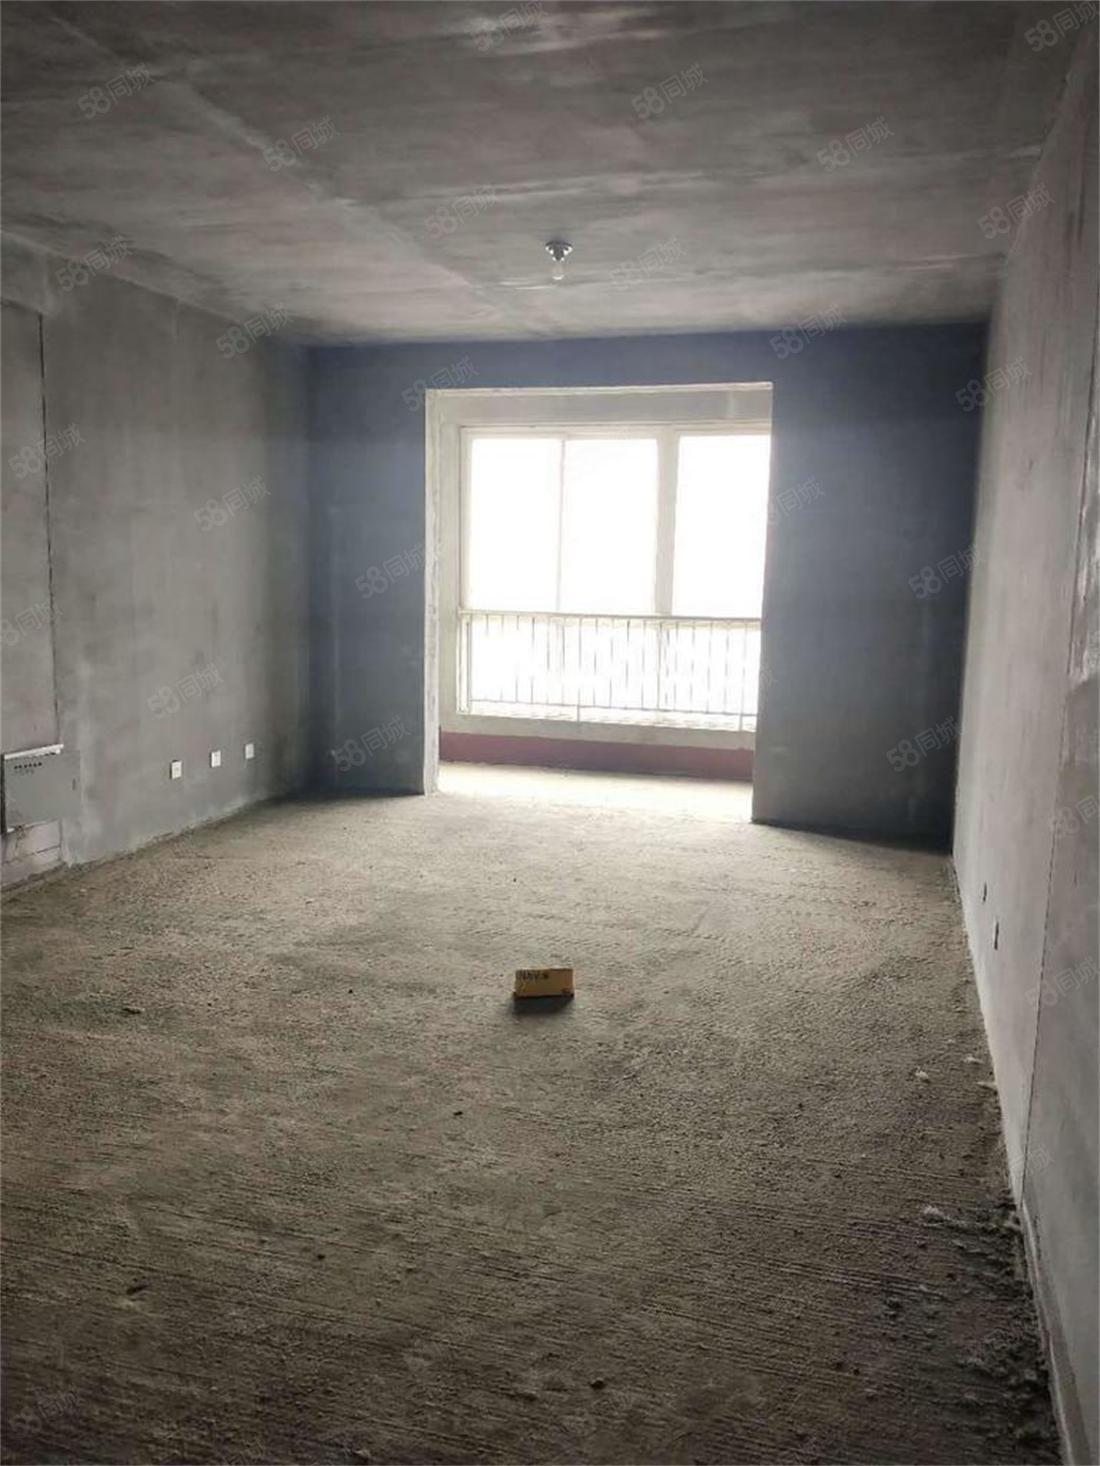 世纪大道地铁沿线安谷园2室毛坯单价7100看房方便